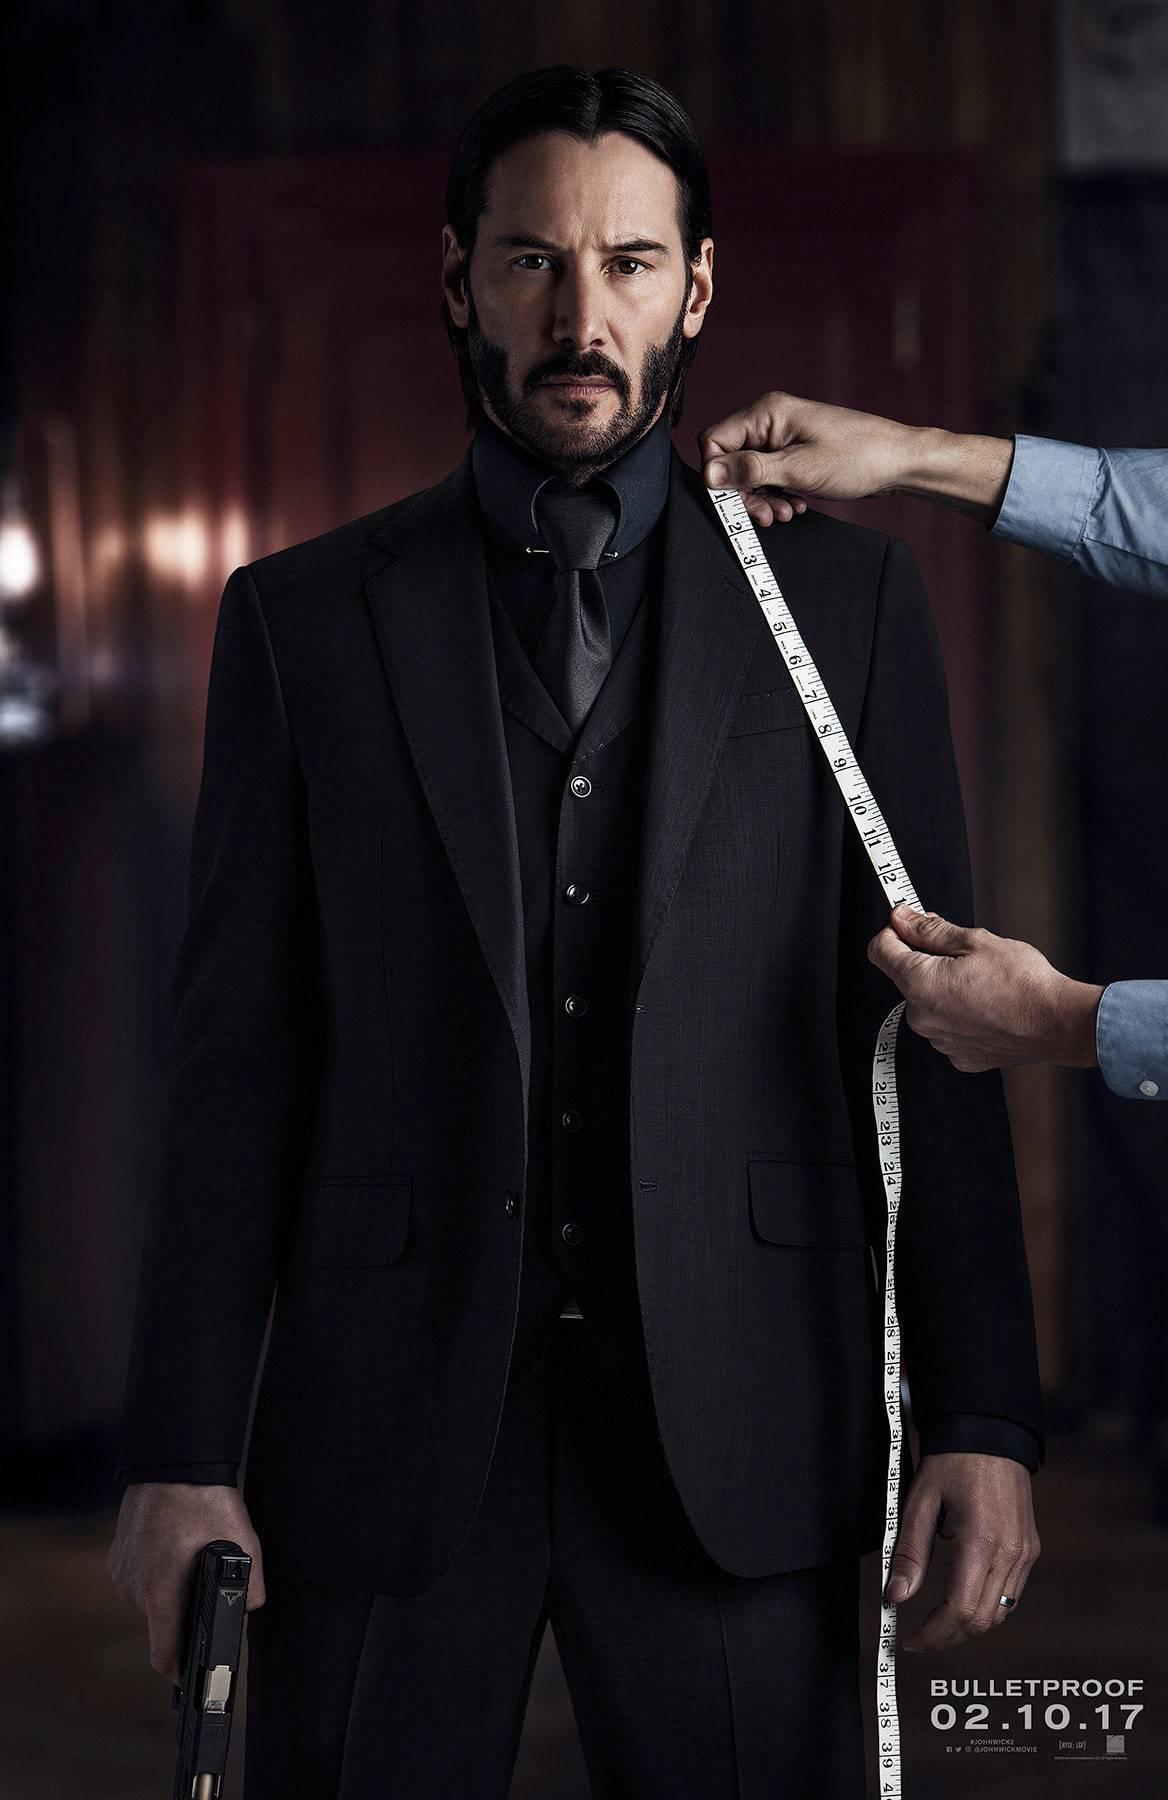 Keanu Reeves John Wick 2 Bulletproof